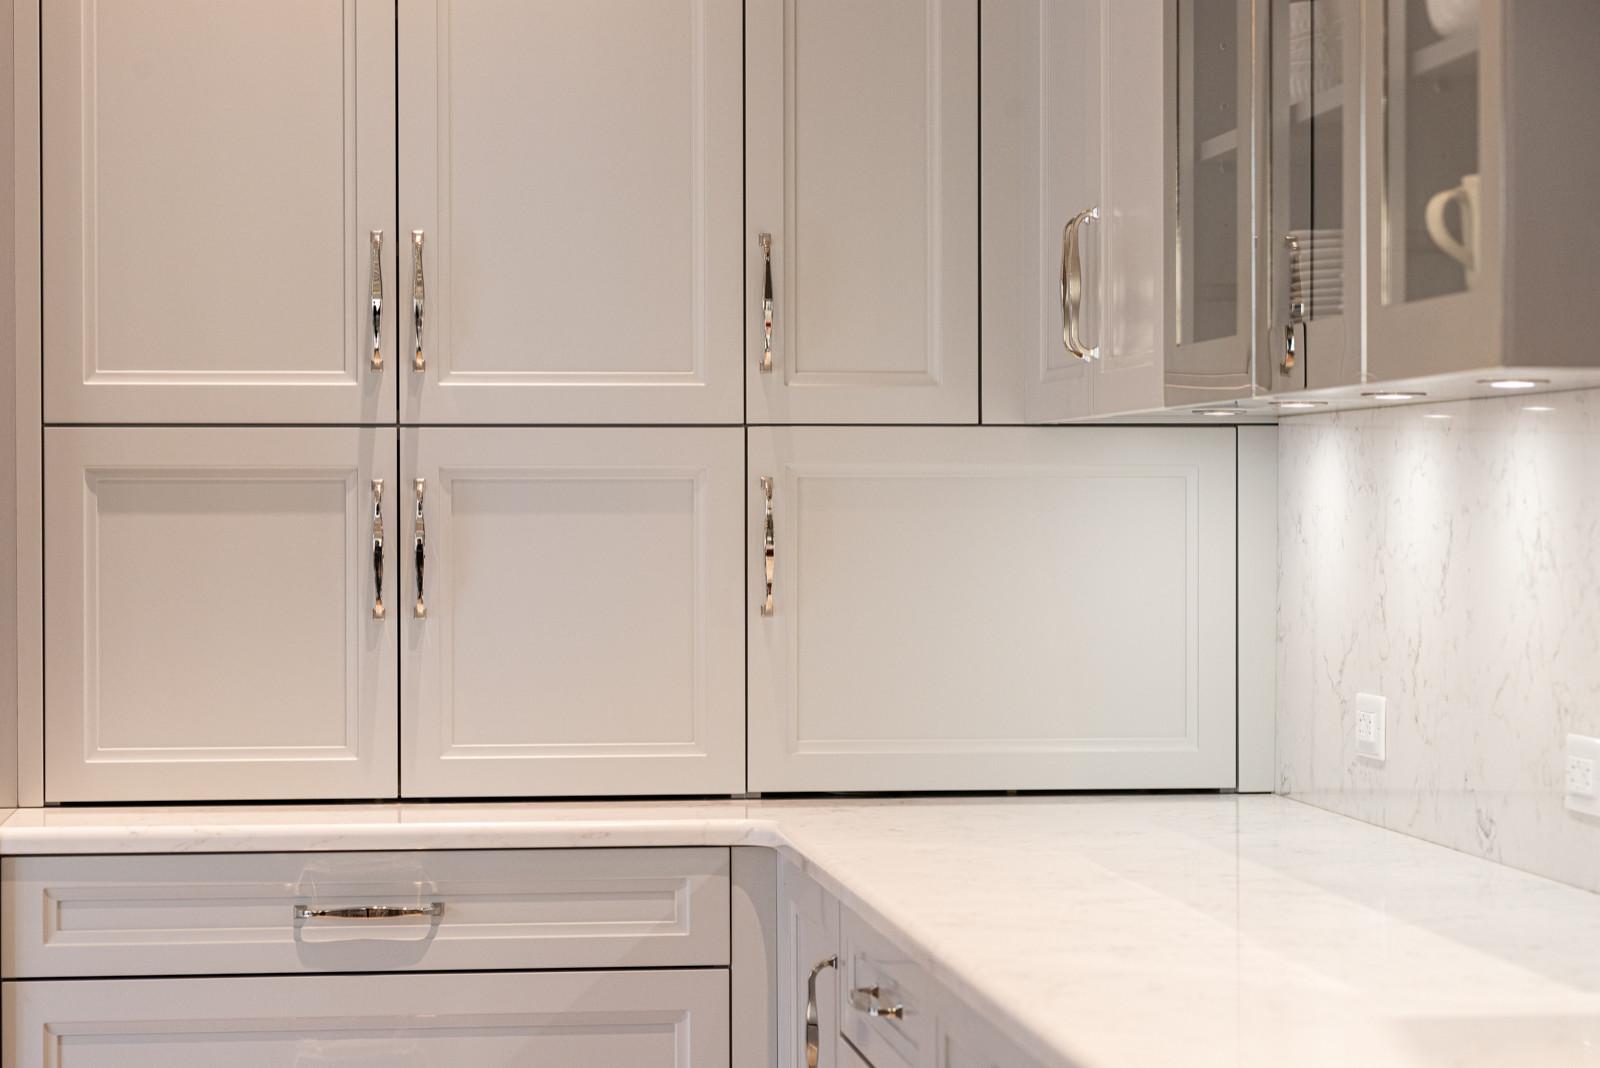 corner appliance garages